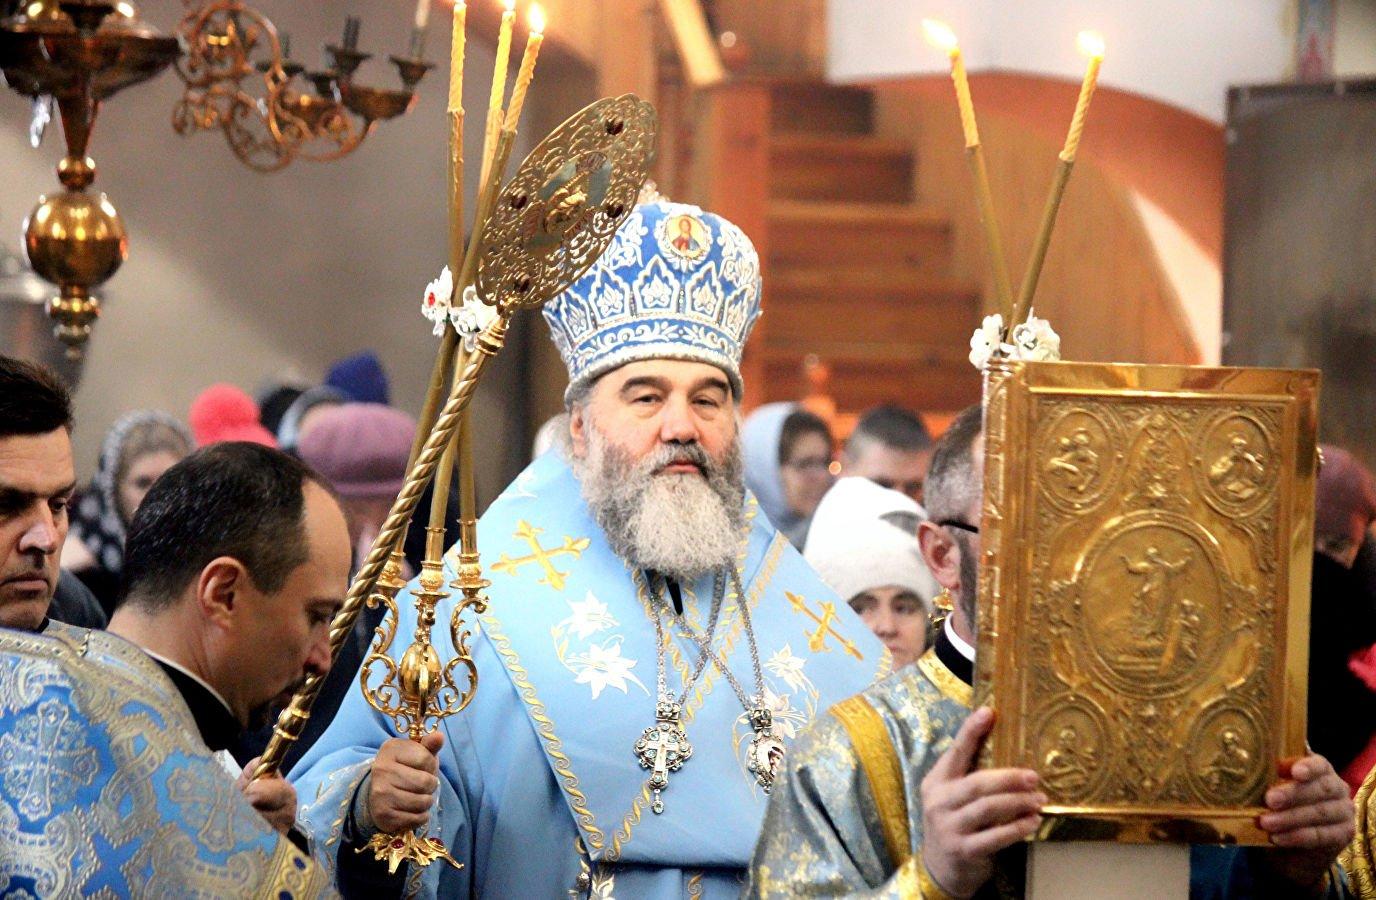 Митрополита Агапита доставили в Киев под охраной СБУ